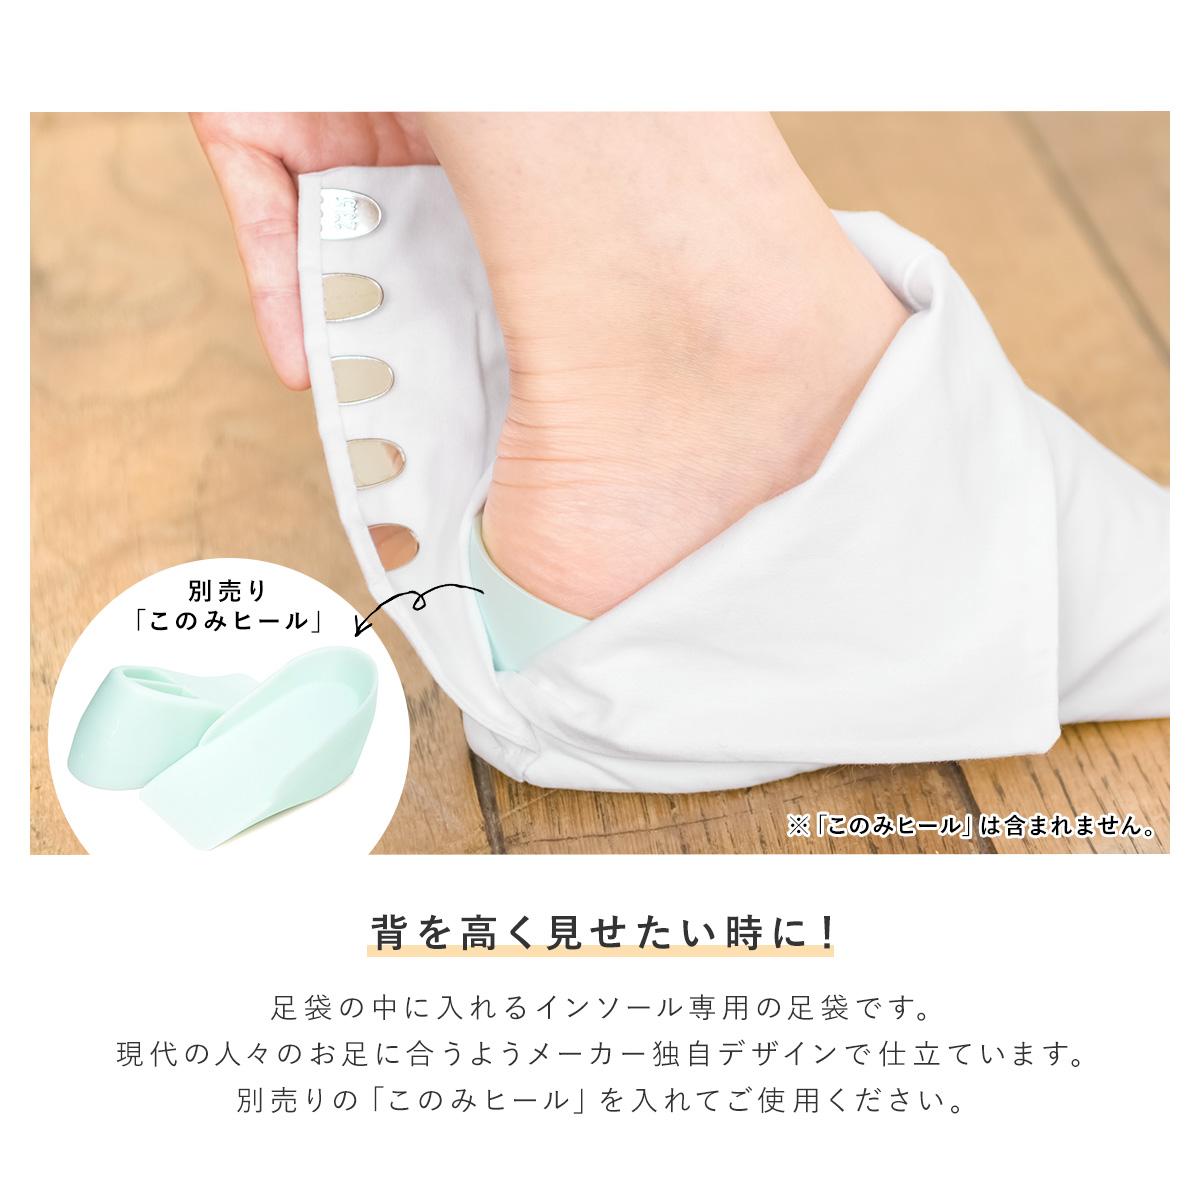 このみヒール専用のヒール足袋